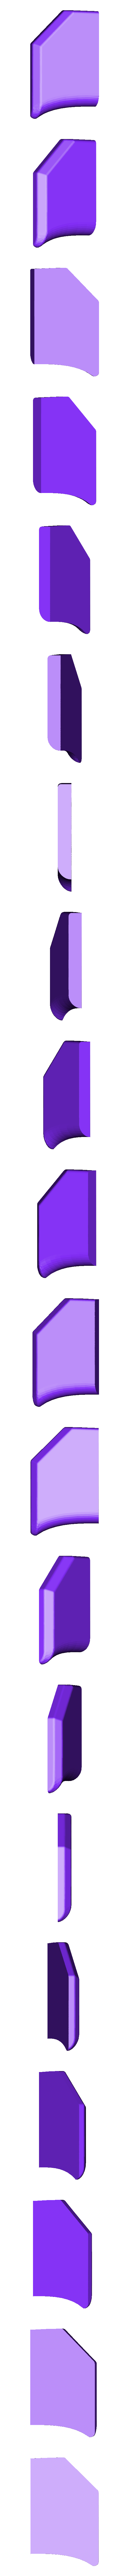 Handle_Blank_Bolster.stl Télécharger fichier STL gratuit Point de chute 1 • Objet pour imprimante 3D, Theshort